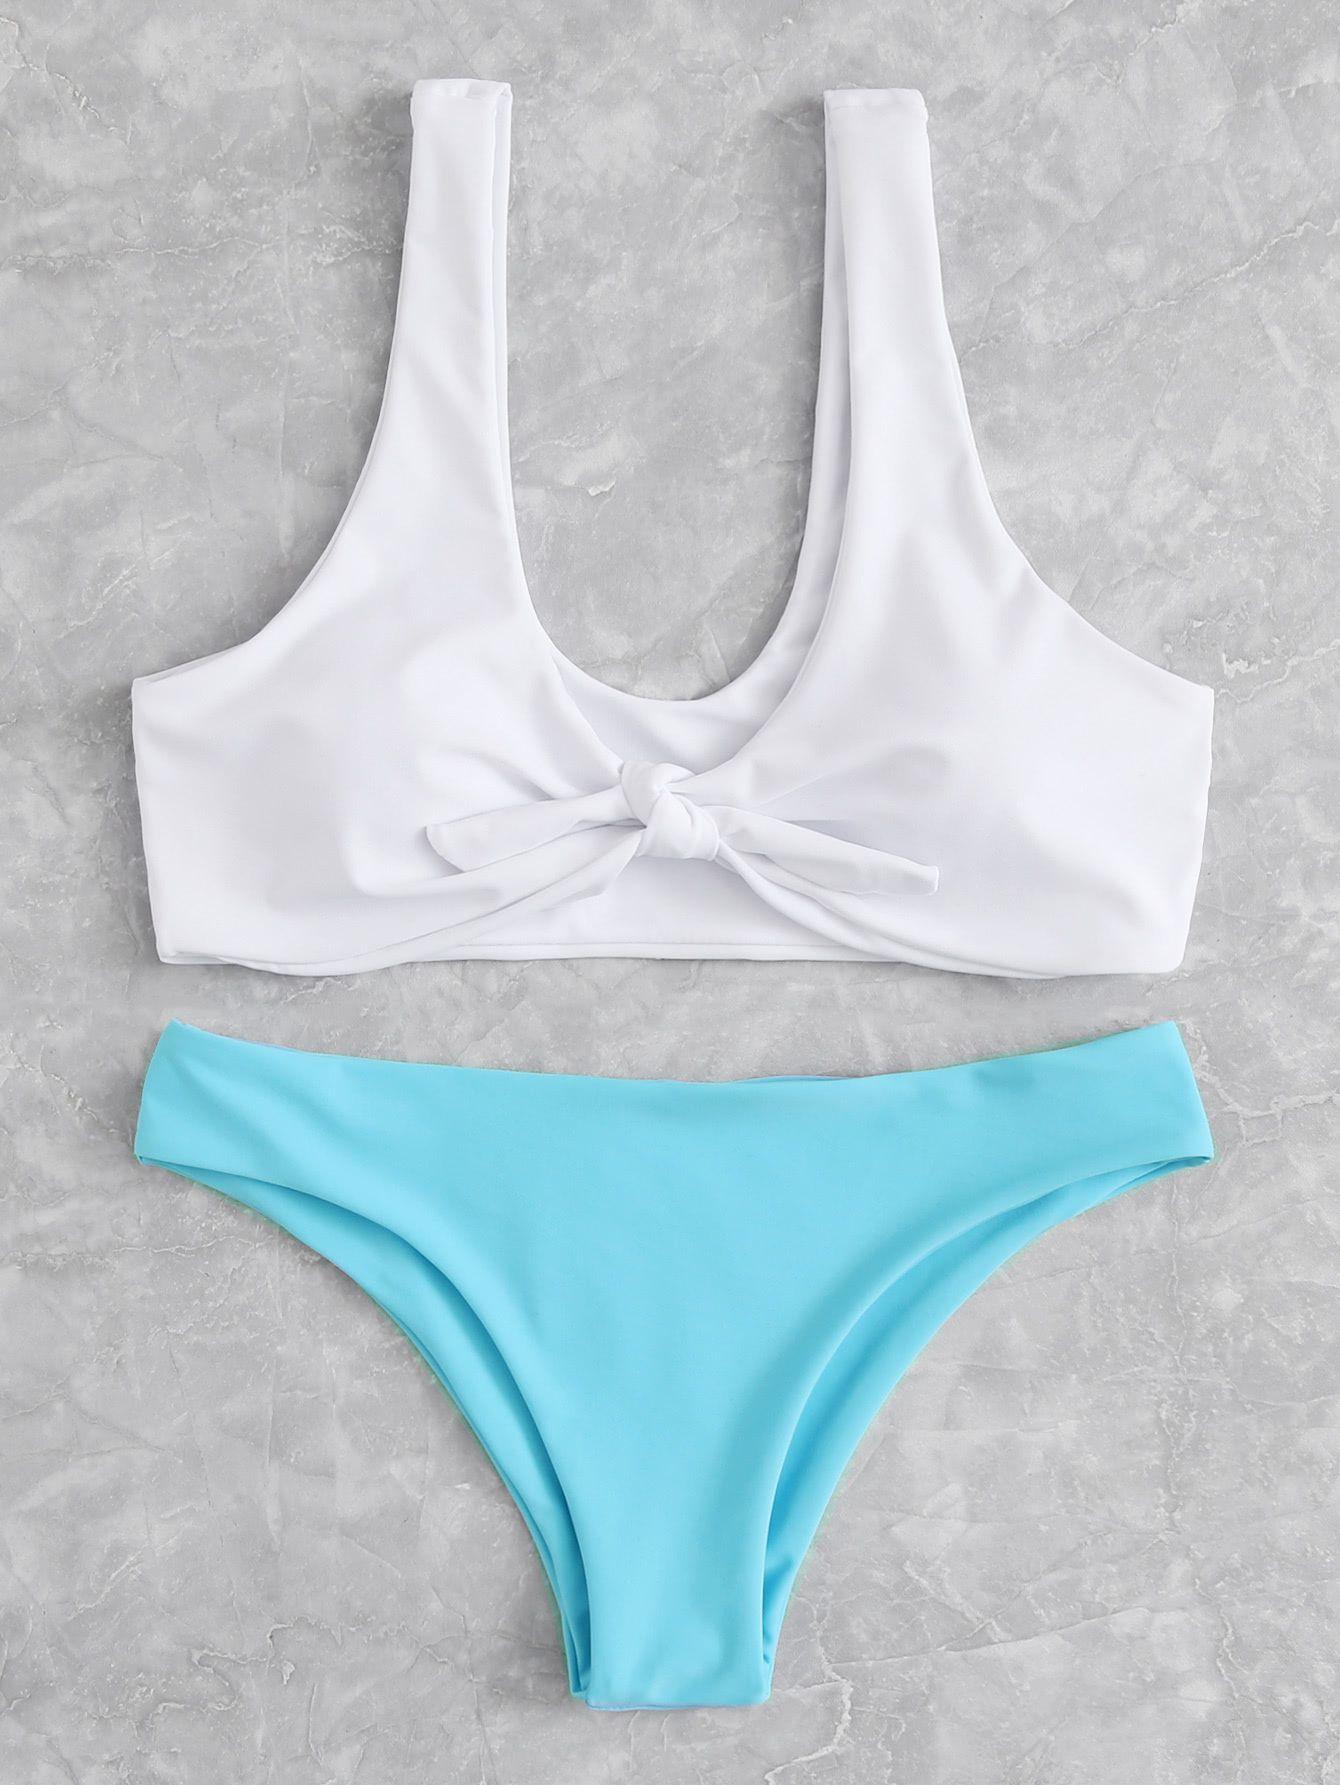 adfe2aaf0c Mix And Match Knot Bikini Set -SheIn(Sheinside) | Shopaholic ...